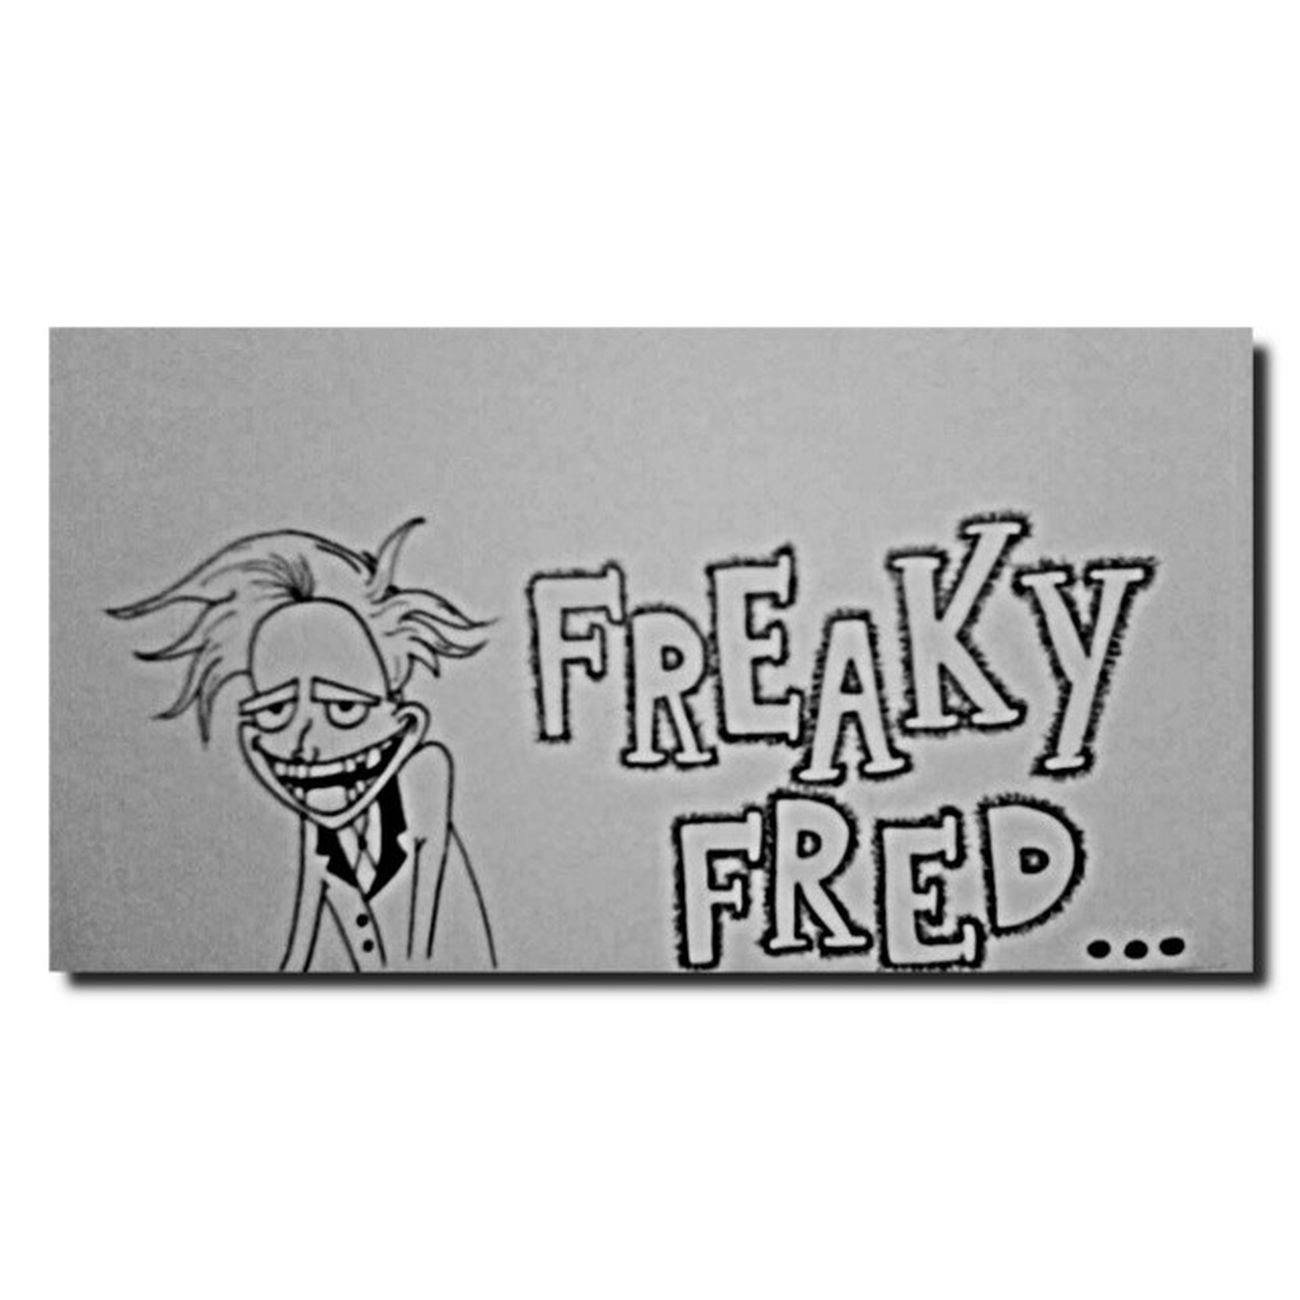 El barbero [loco]. FreakyFred Boceto